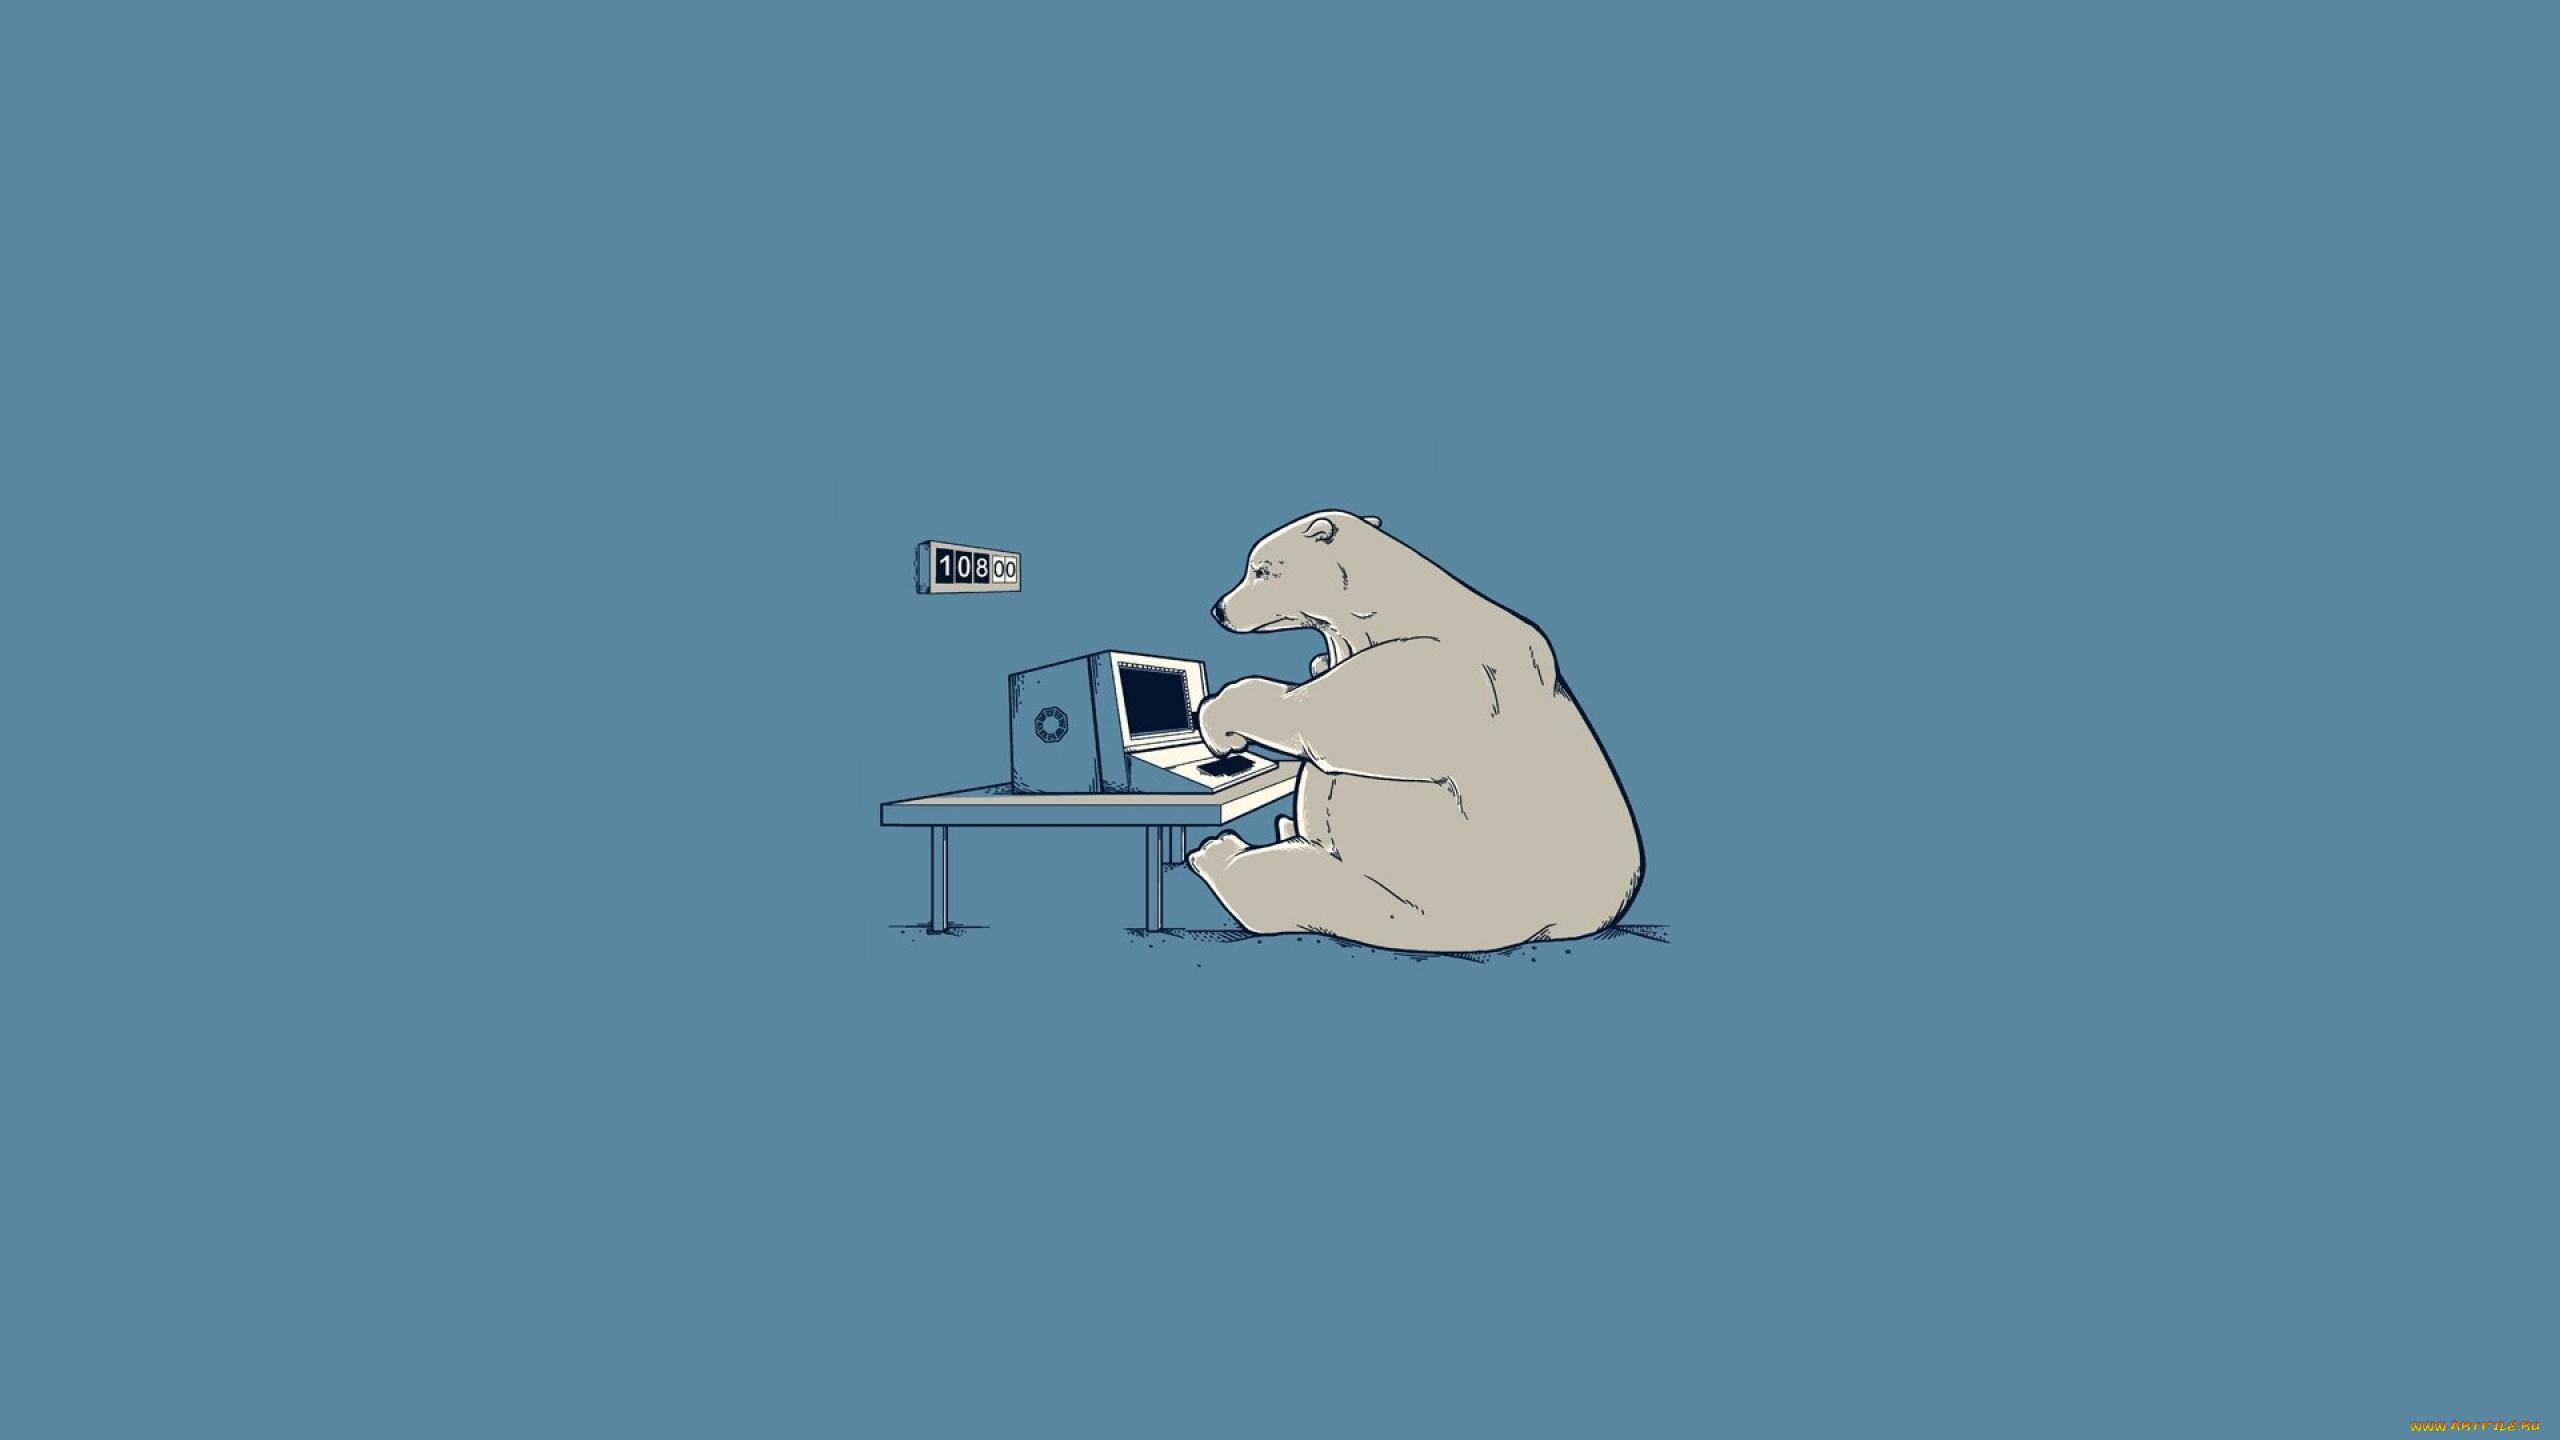 Медведь картинка минимализм вам магазины